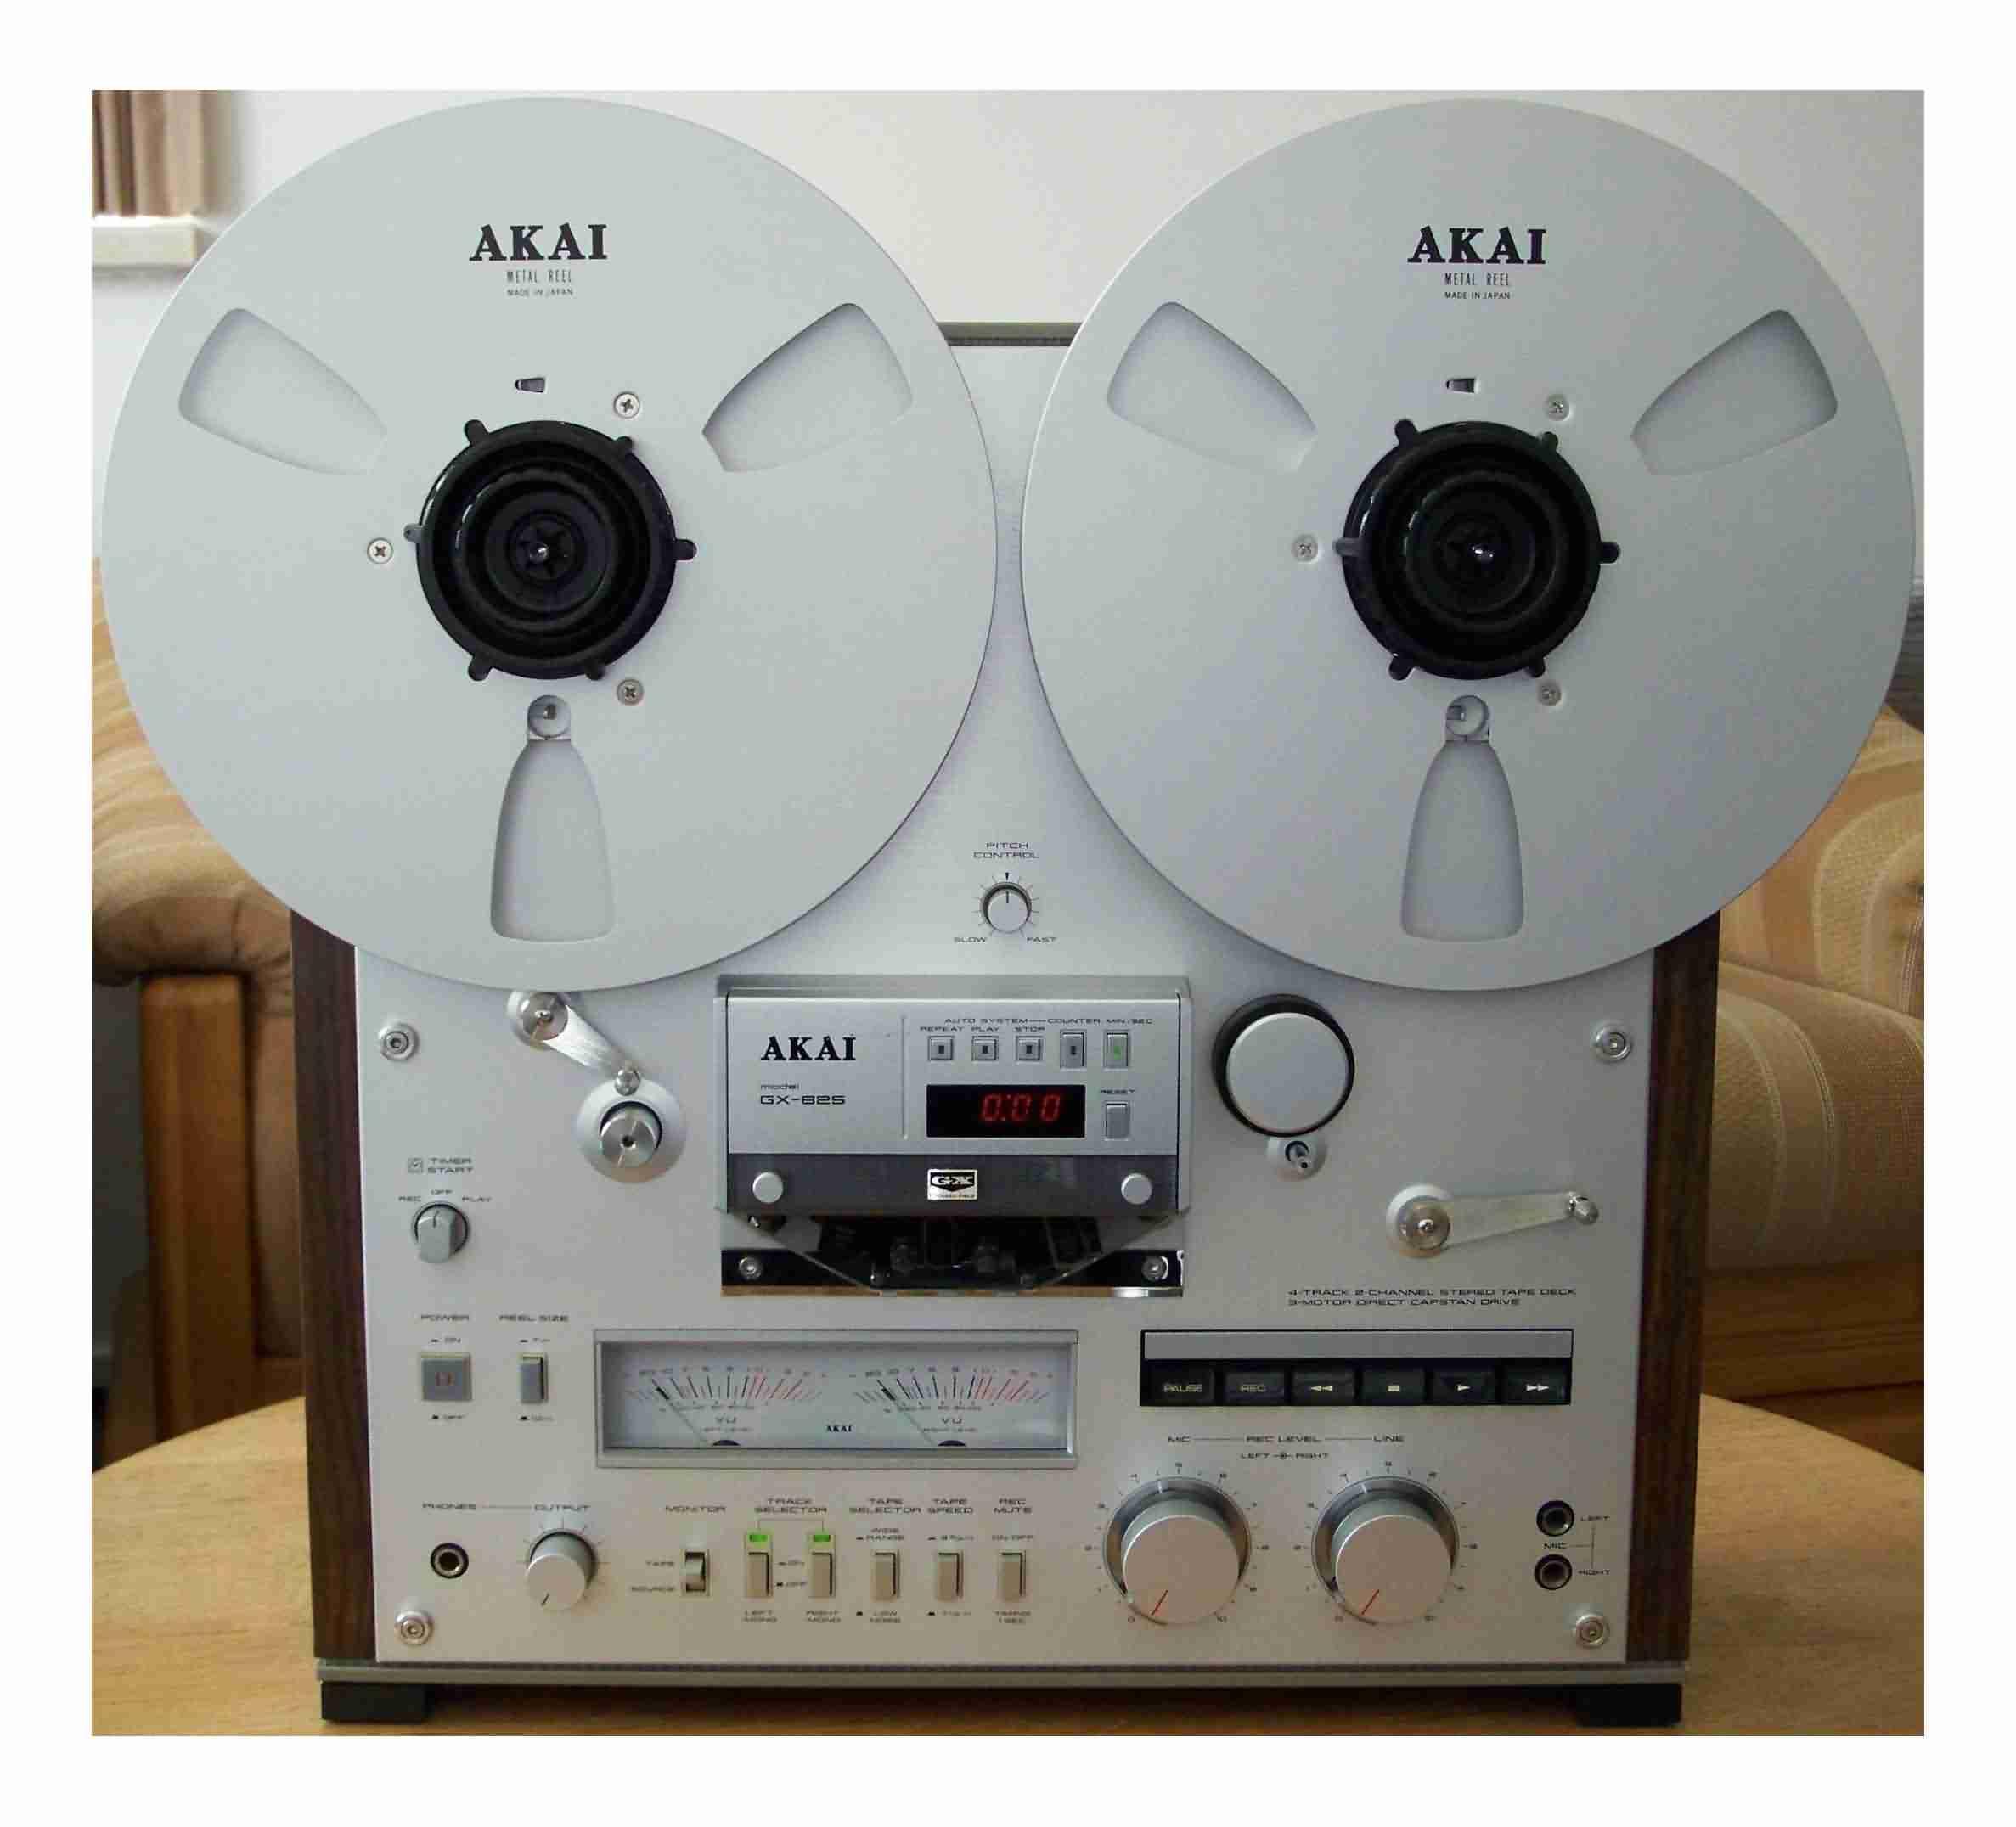 Akai GX-625 620